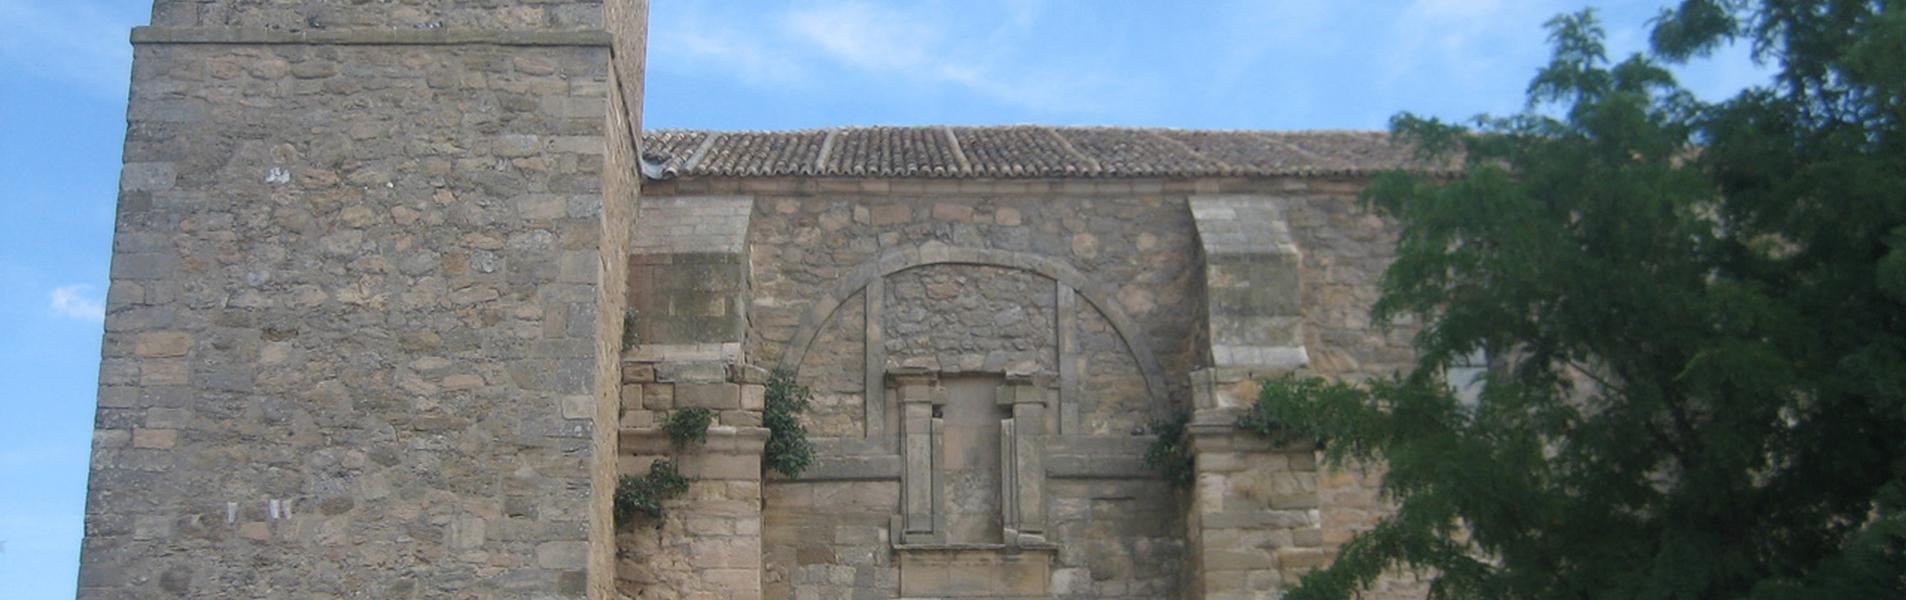 Belinchón